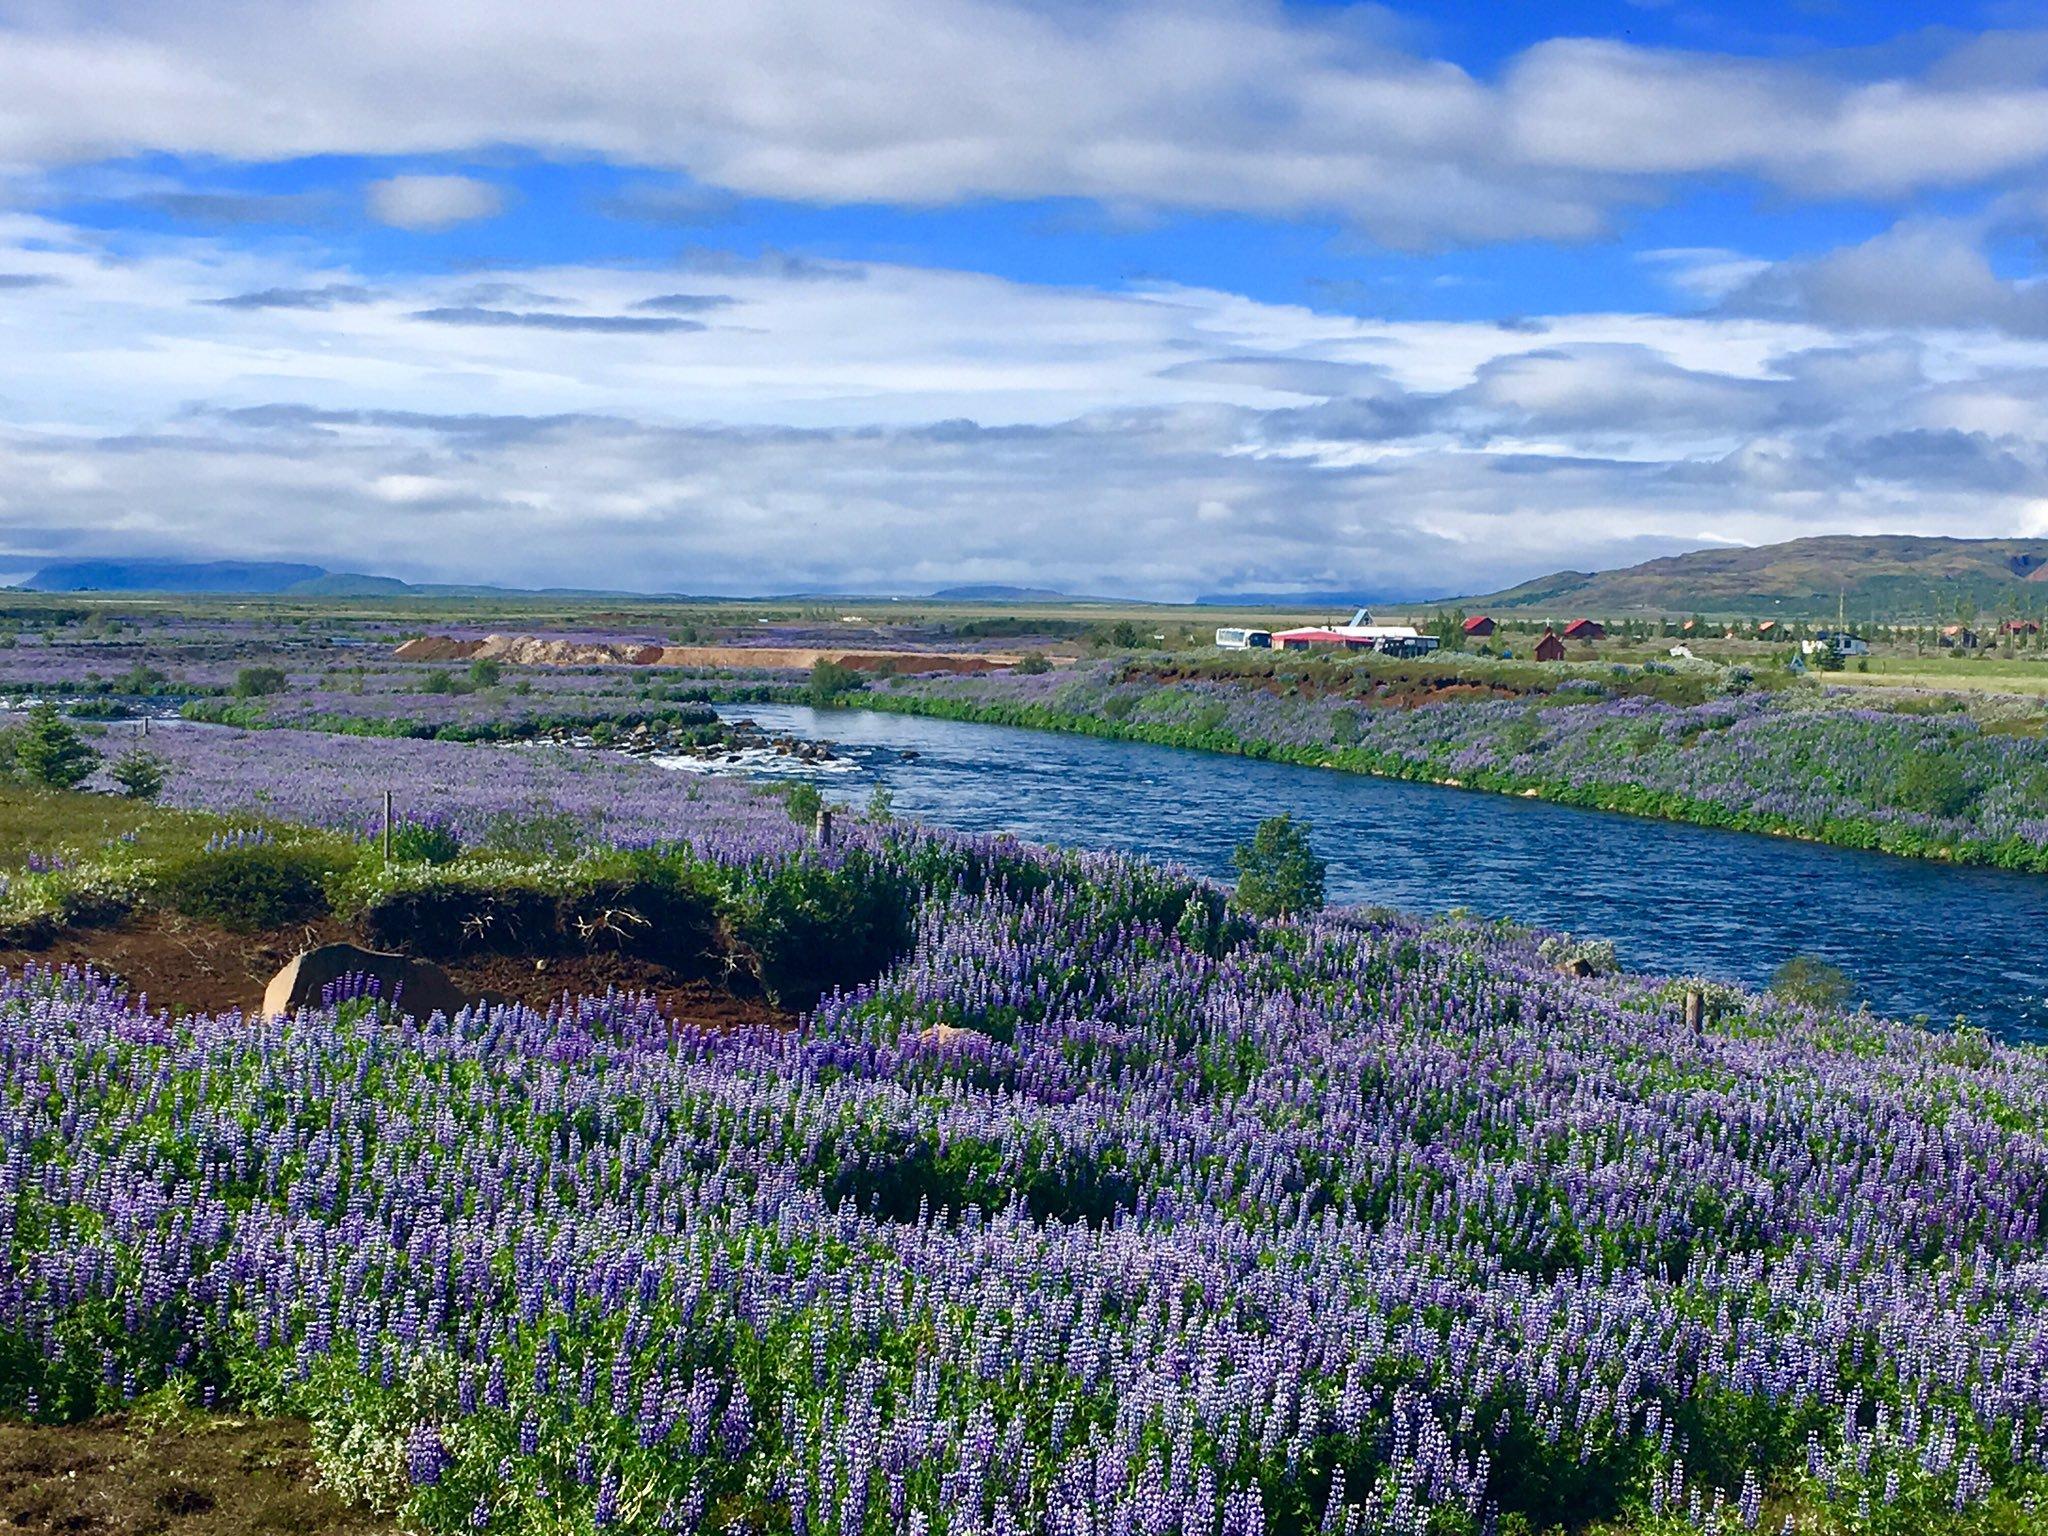 Island: Landschaft dominiert von violetten Blumen